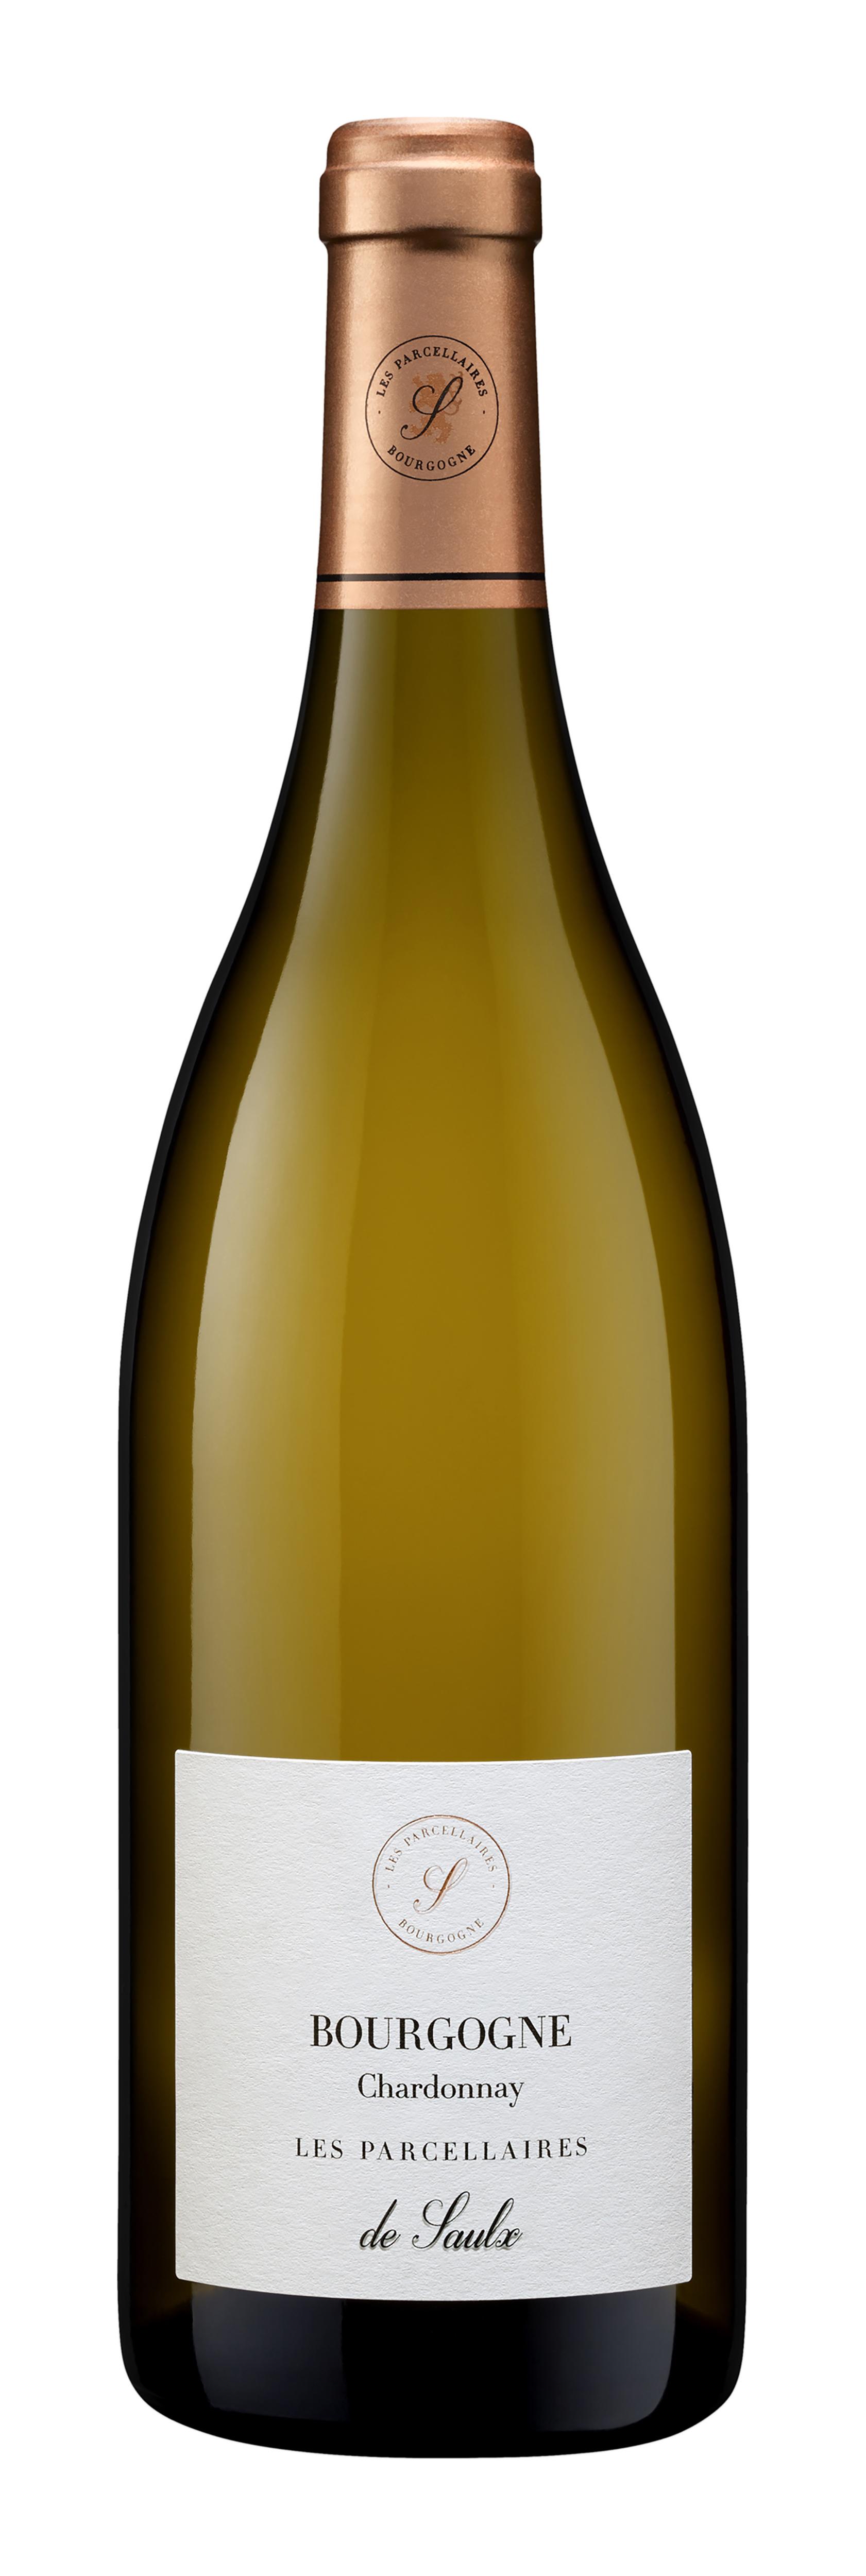 Les Parcellaires de Saulx Bourgogne Les Mursottes Chardonnay